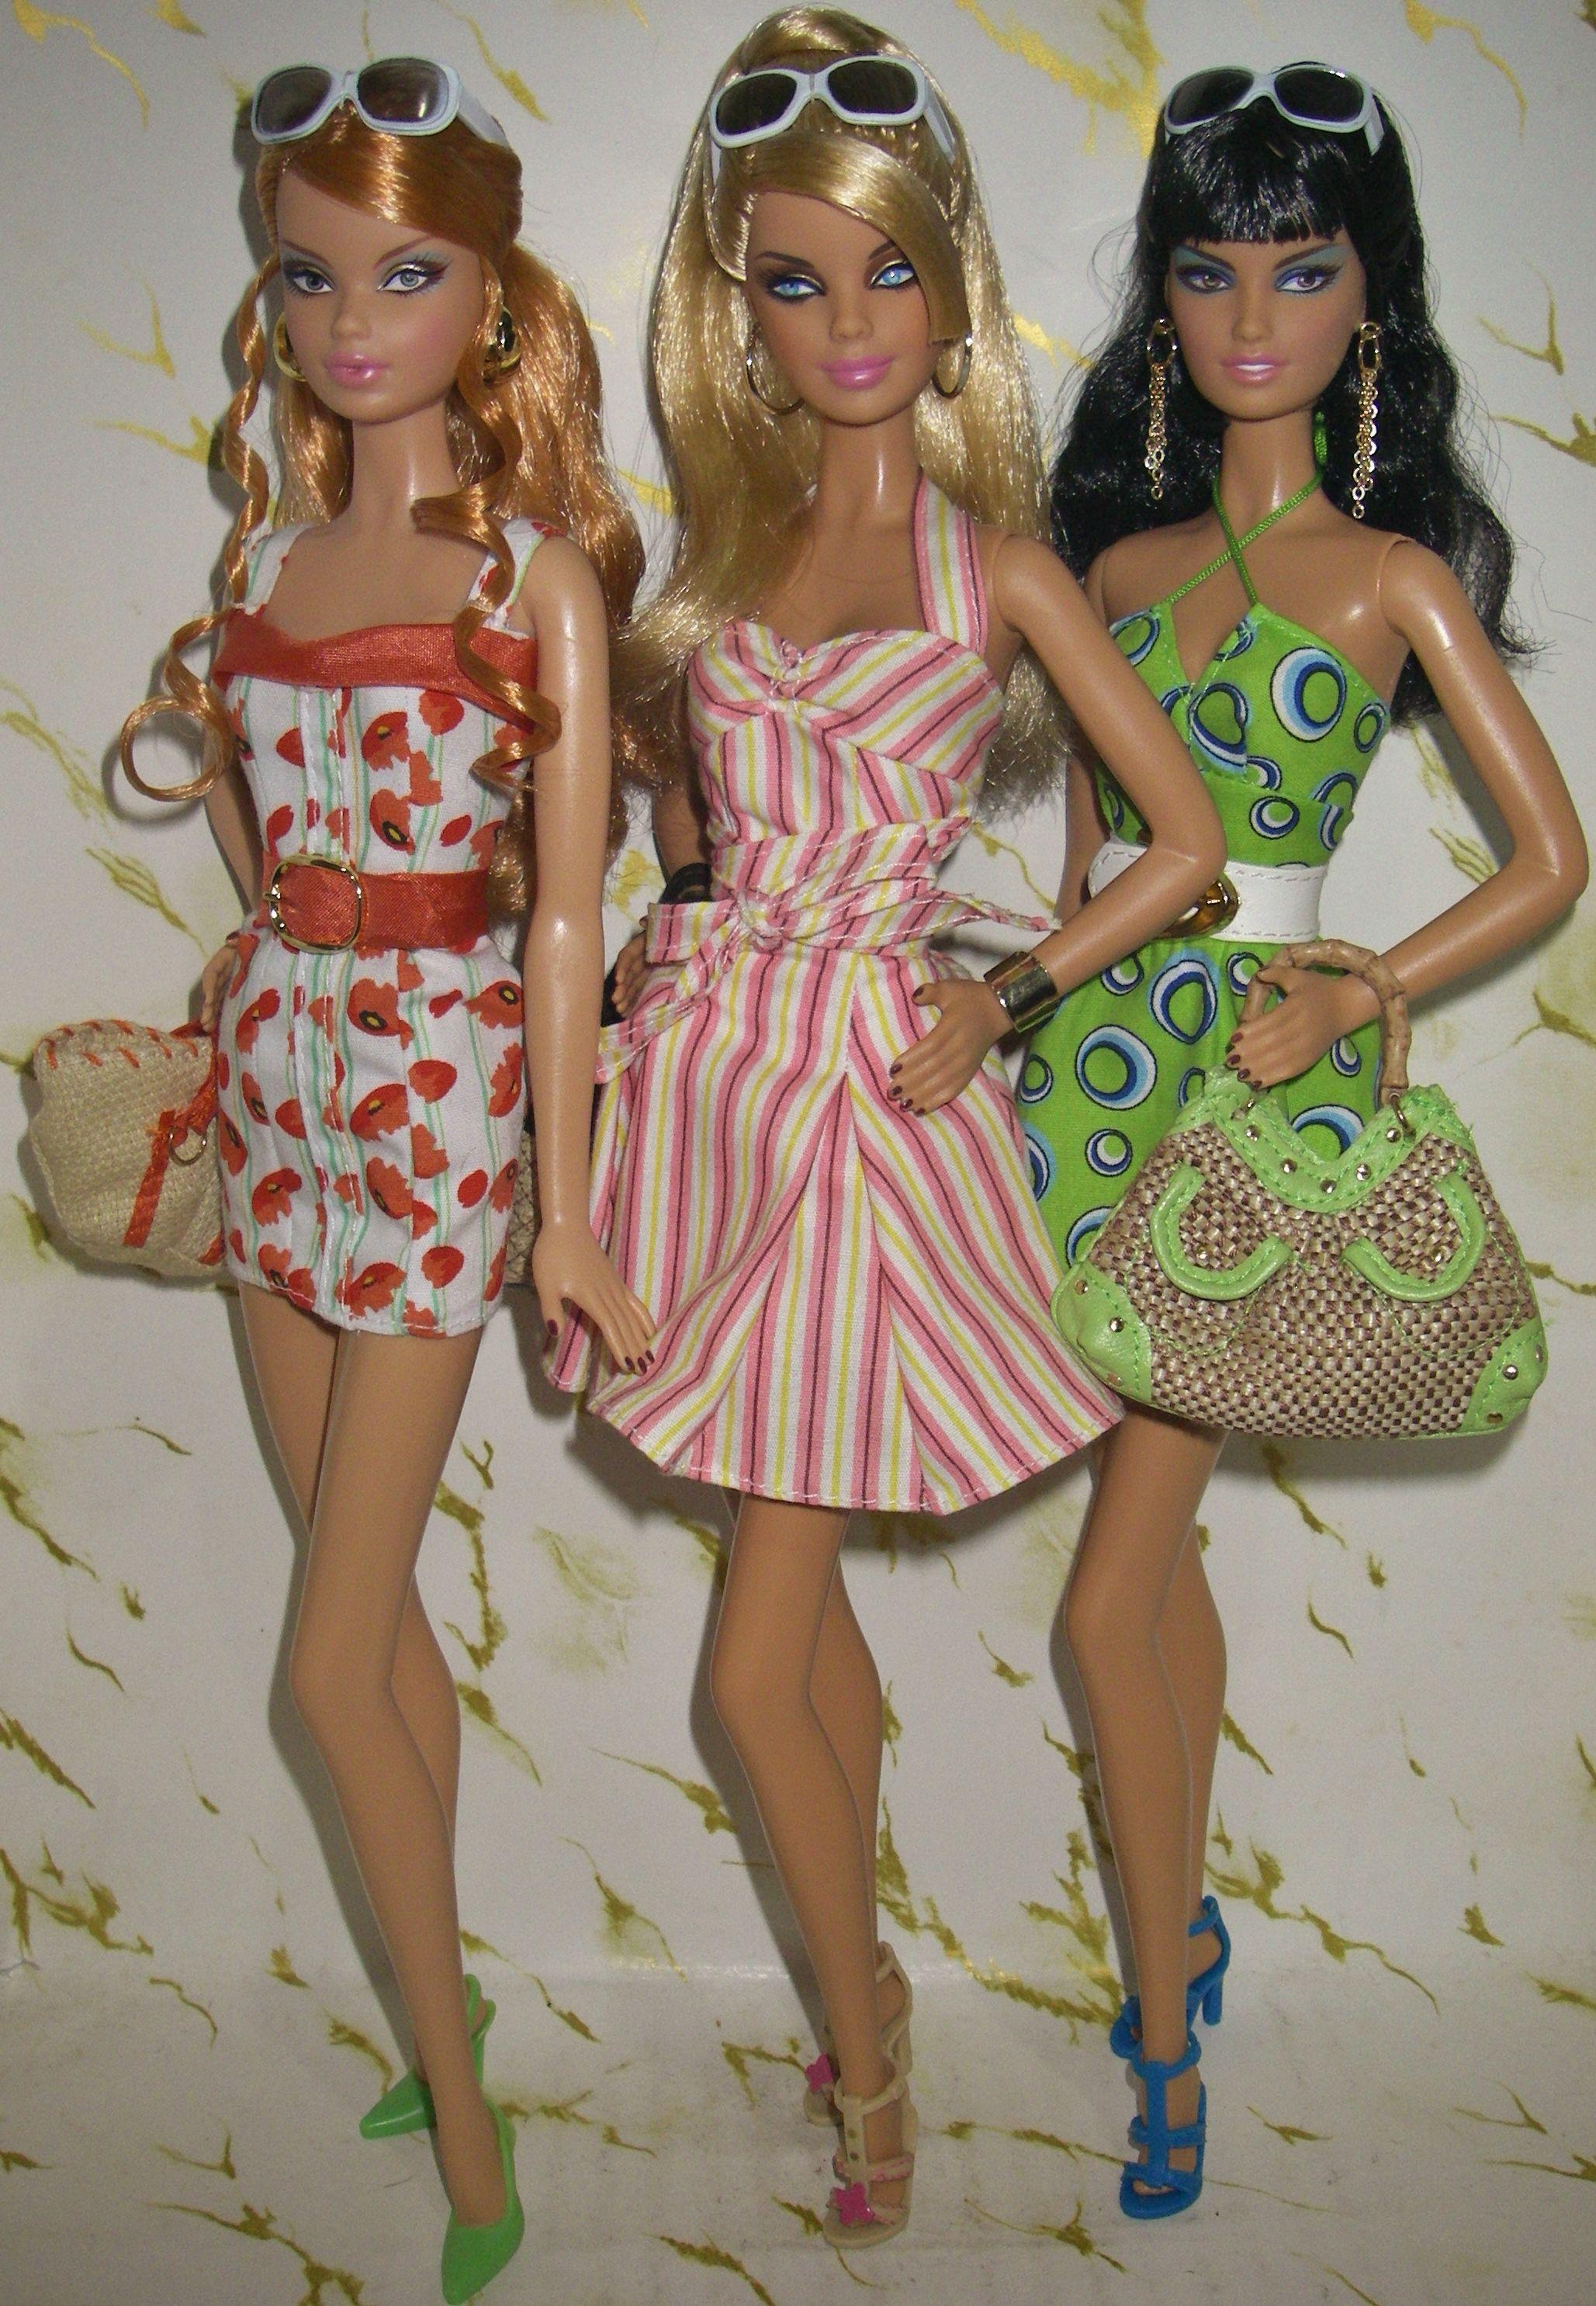 Barbie Top Model Resort Barbie Model Barbie Top Beautiful Barbie Dolls